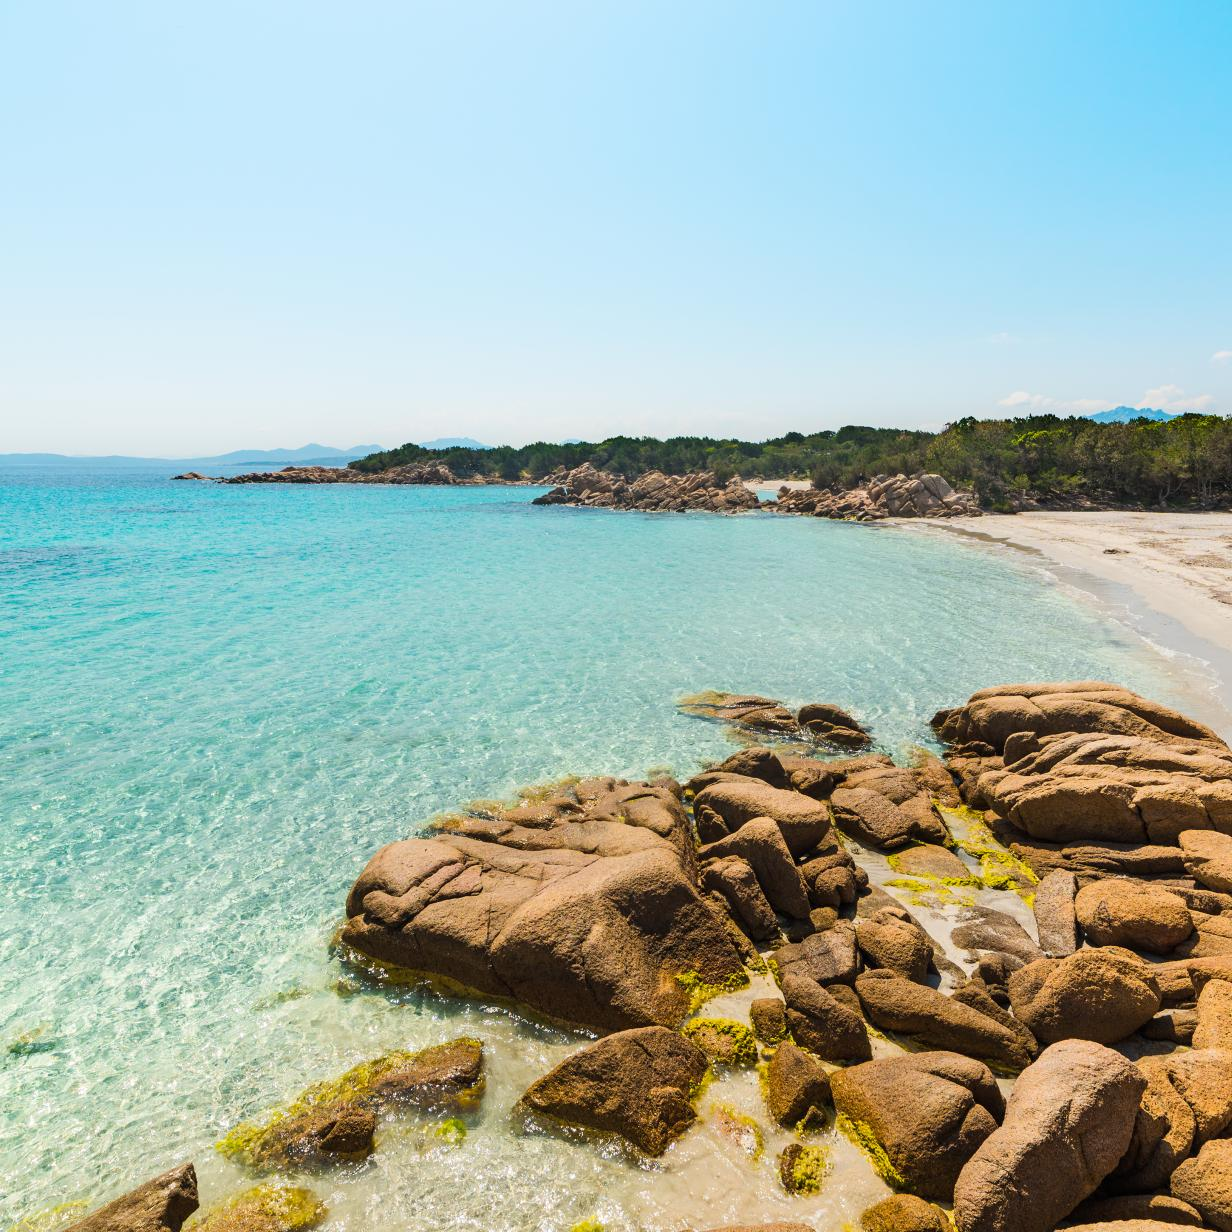 Karte Sardinien Strände.Die 10 Schönsten Strände Auf Sardinien Kurier At